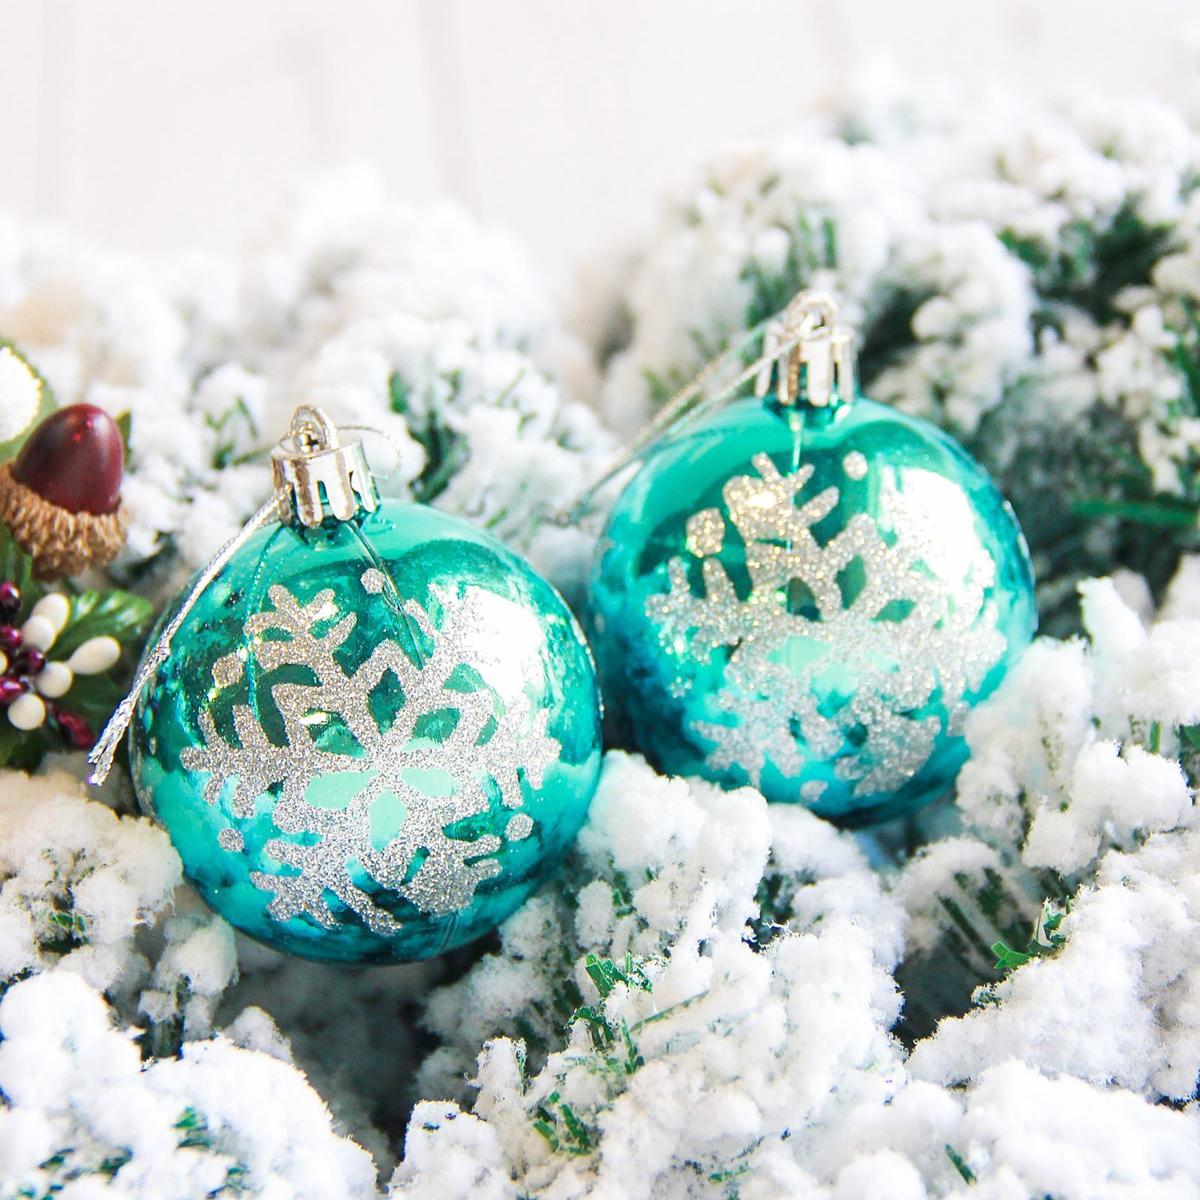 Набор новогодних подвесных украшений Sima-land Глянец. Снежинка, цвет: голубой, диаметр 6 см, 6 шт2178174Набор новогодних подвесных украшений Sima-land отлично подойдет для декорации вашего дома и новогодней ели. С помощью специальной петельки украшение можно повесить в любом понравившемся вам месте. Но, конечно, удачнее всего оно будет смотреться на праздничной елке. Елочная игрушка - символ Нового года. Она несет в себе волшебство и красоту праздника. Создайте в своем доме атмосферу веселья и радости, украшая новогоднюю елку нарядными игрушками, которые будут из года в год накапливать теплоту воспоминаний.